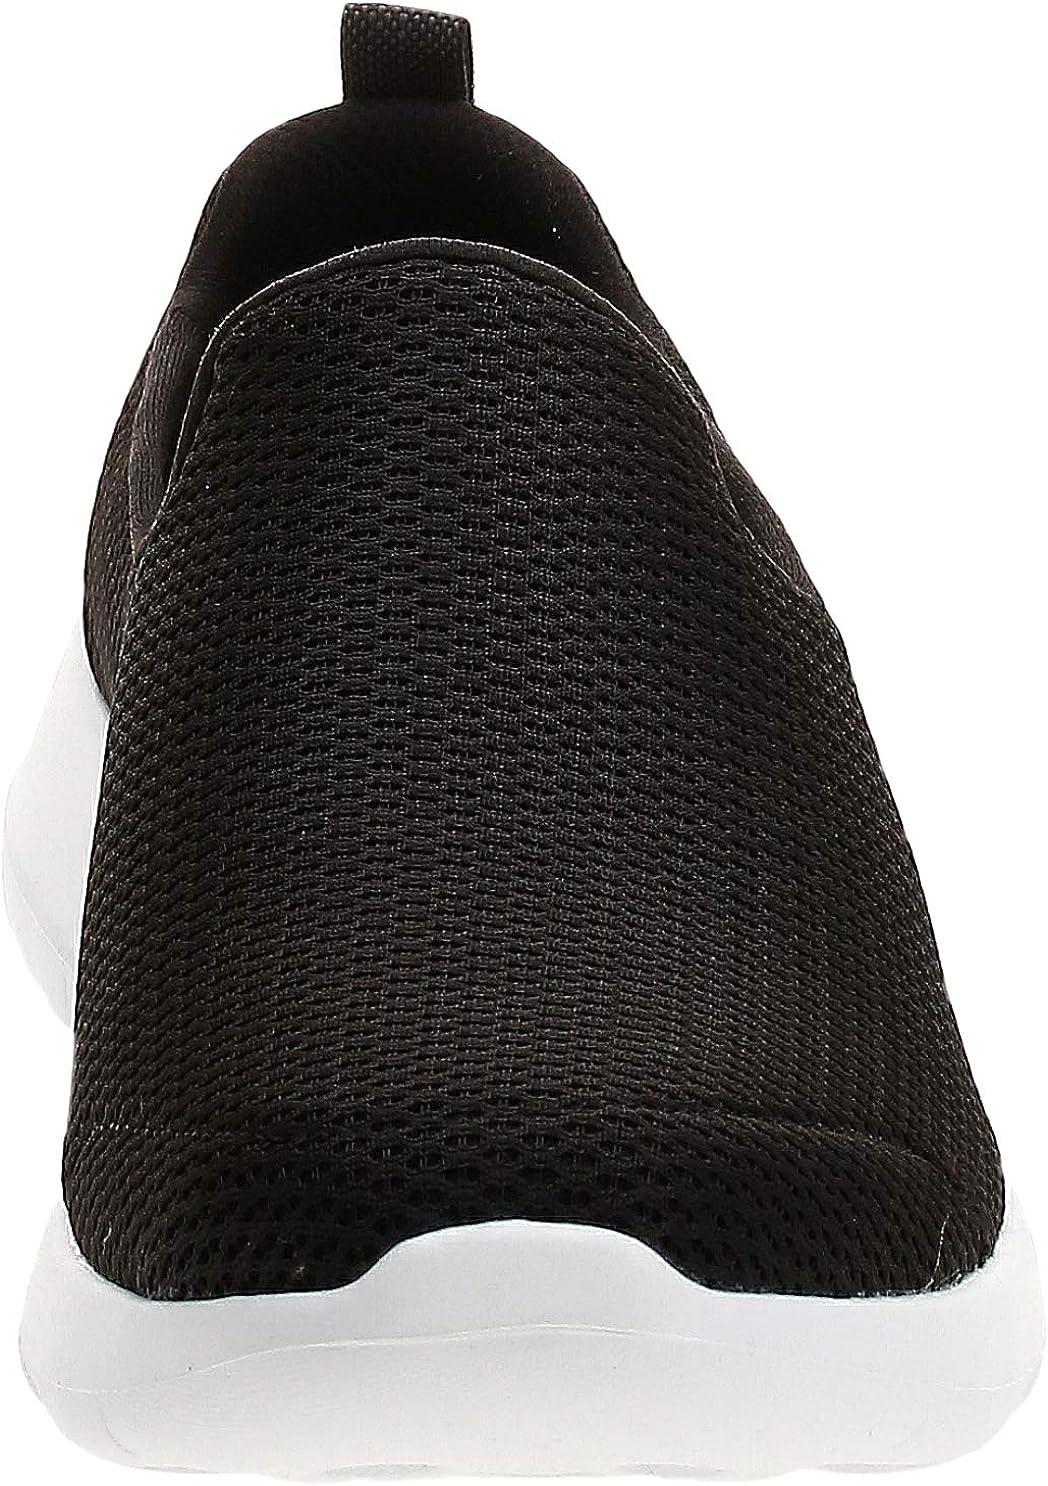 Skechers Men's Go Max-Athletic Air Mesh Slip on Walking Shoe Sneaker Black Black White